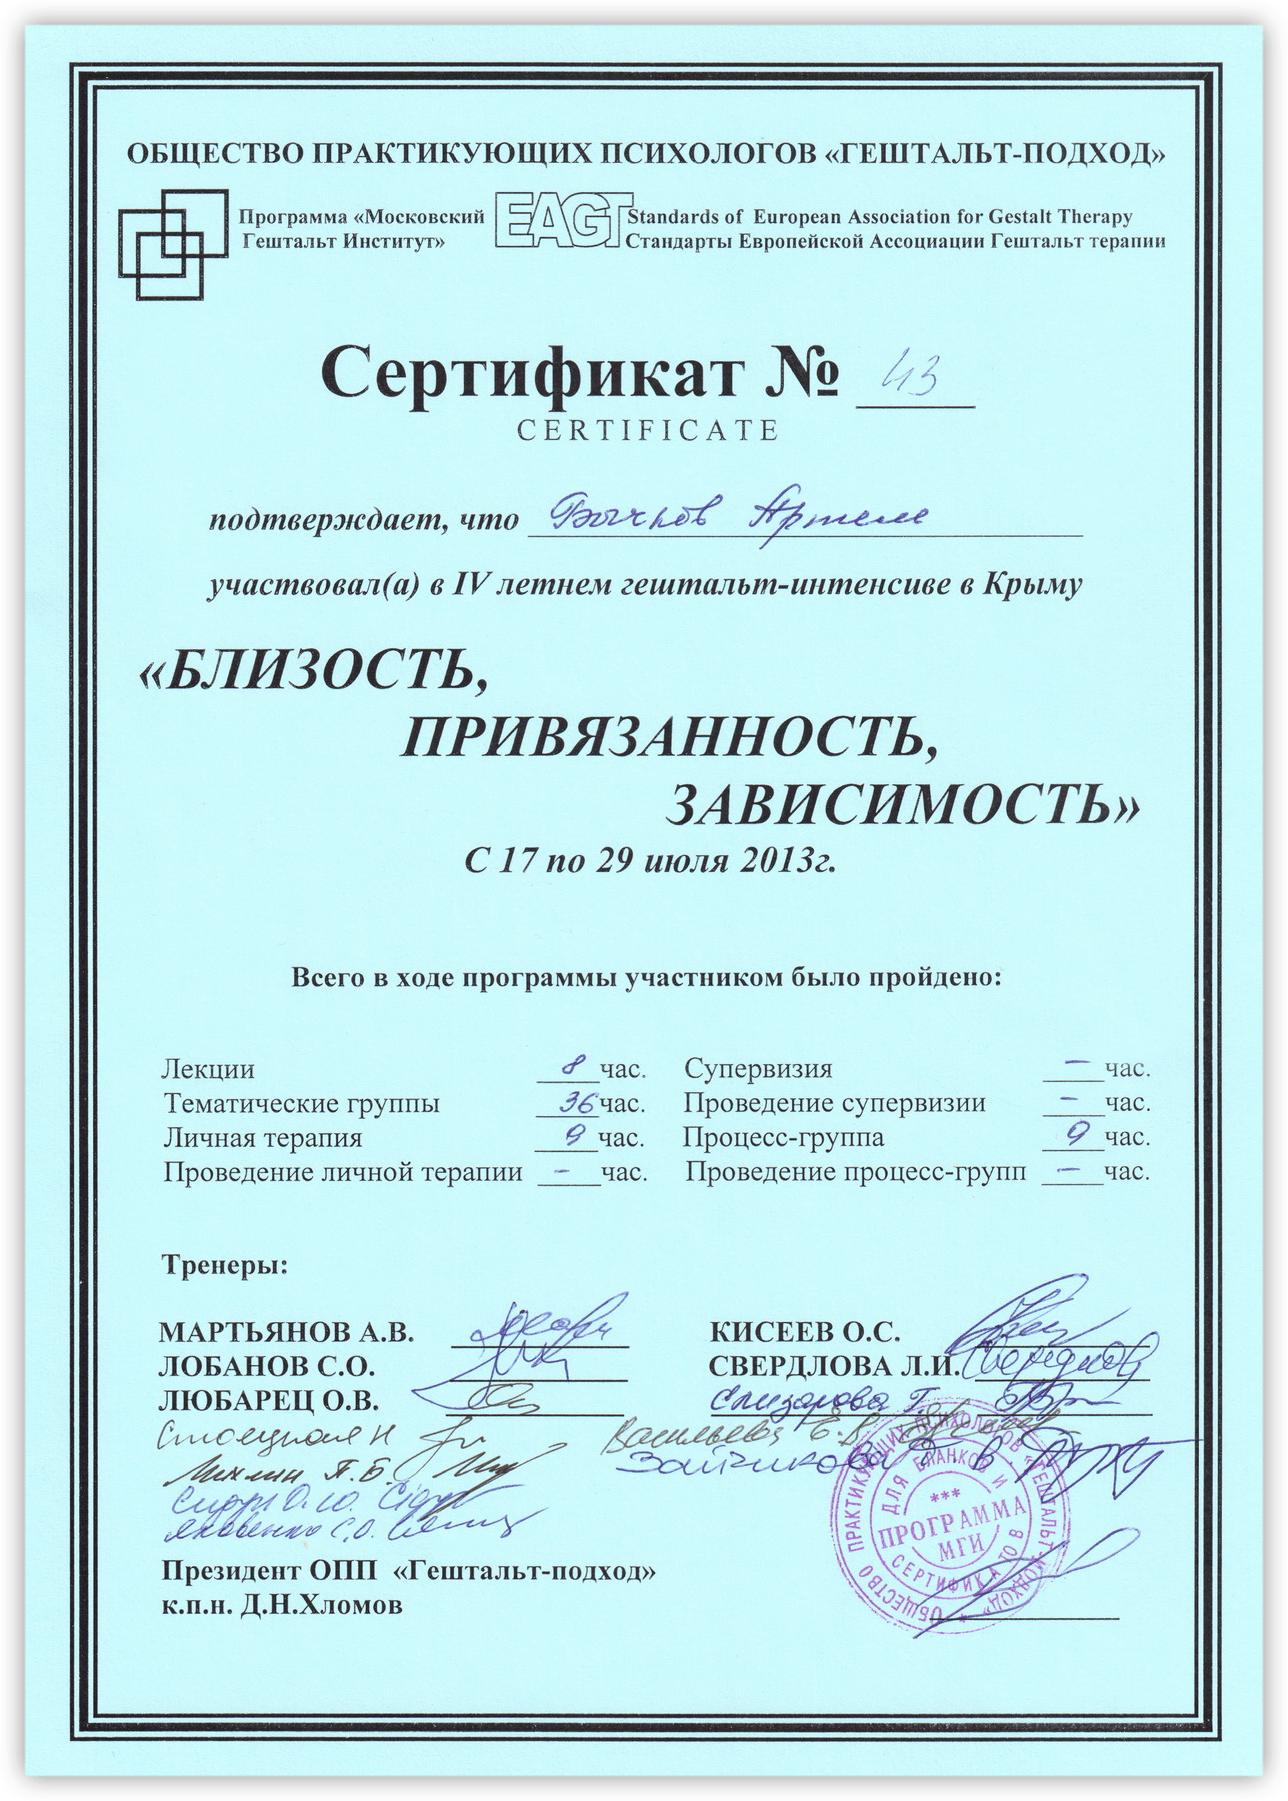 Сертификат гештальт-интенсив Близость, зависимость, привязанность